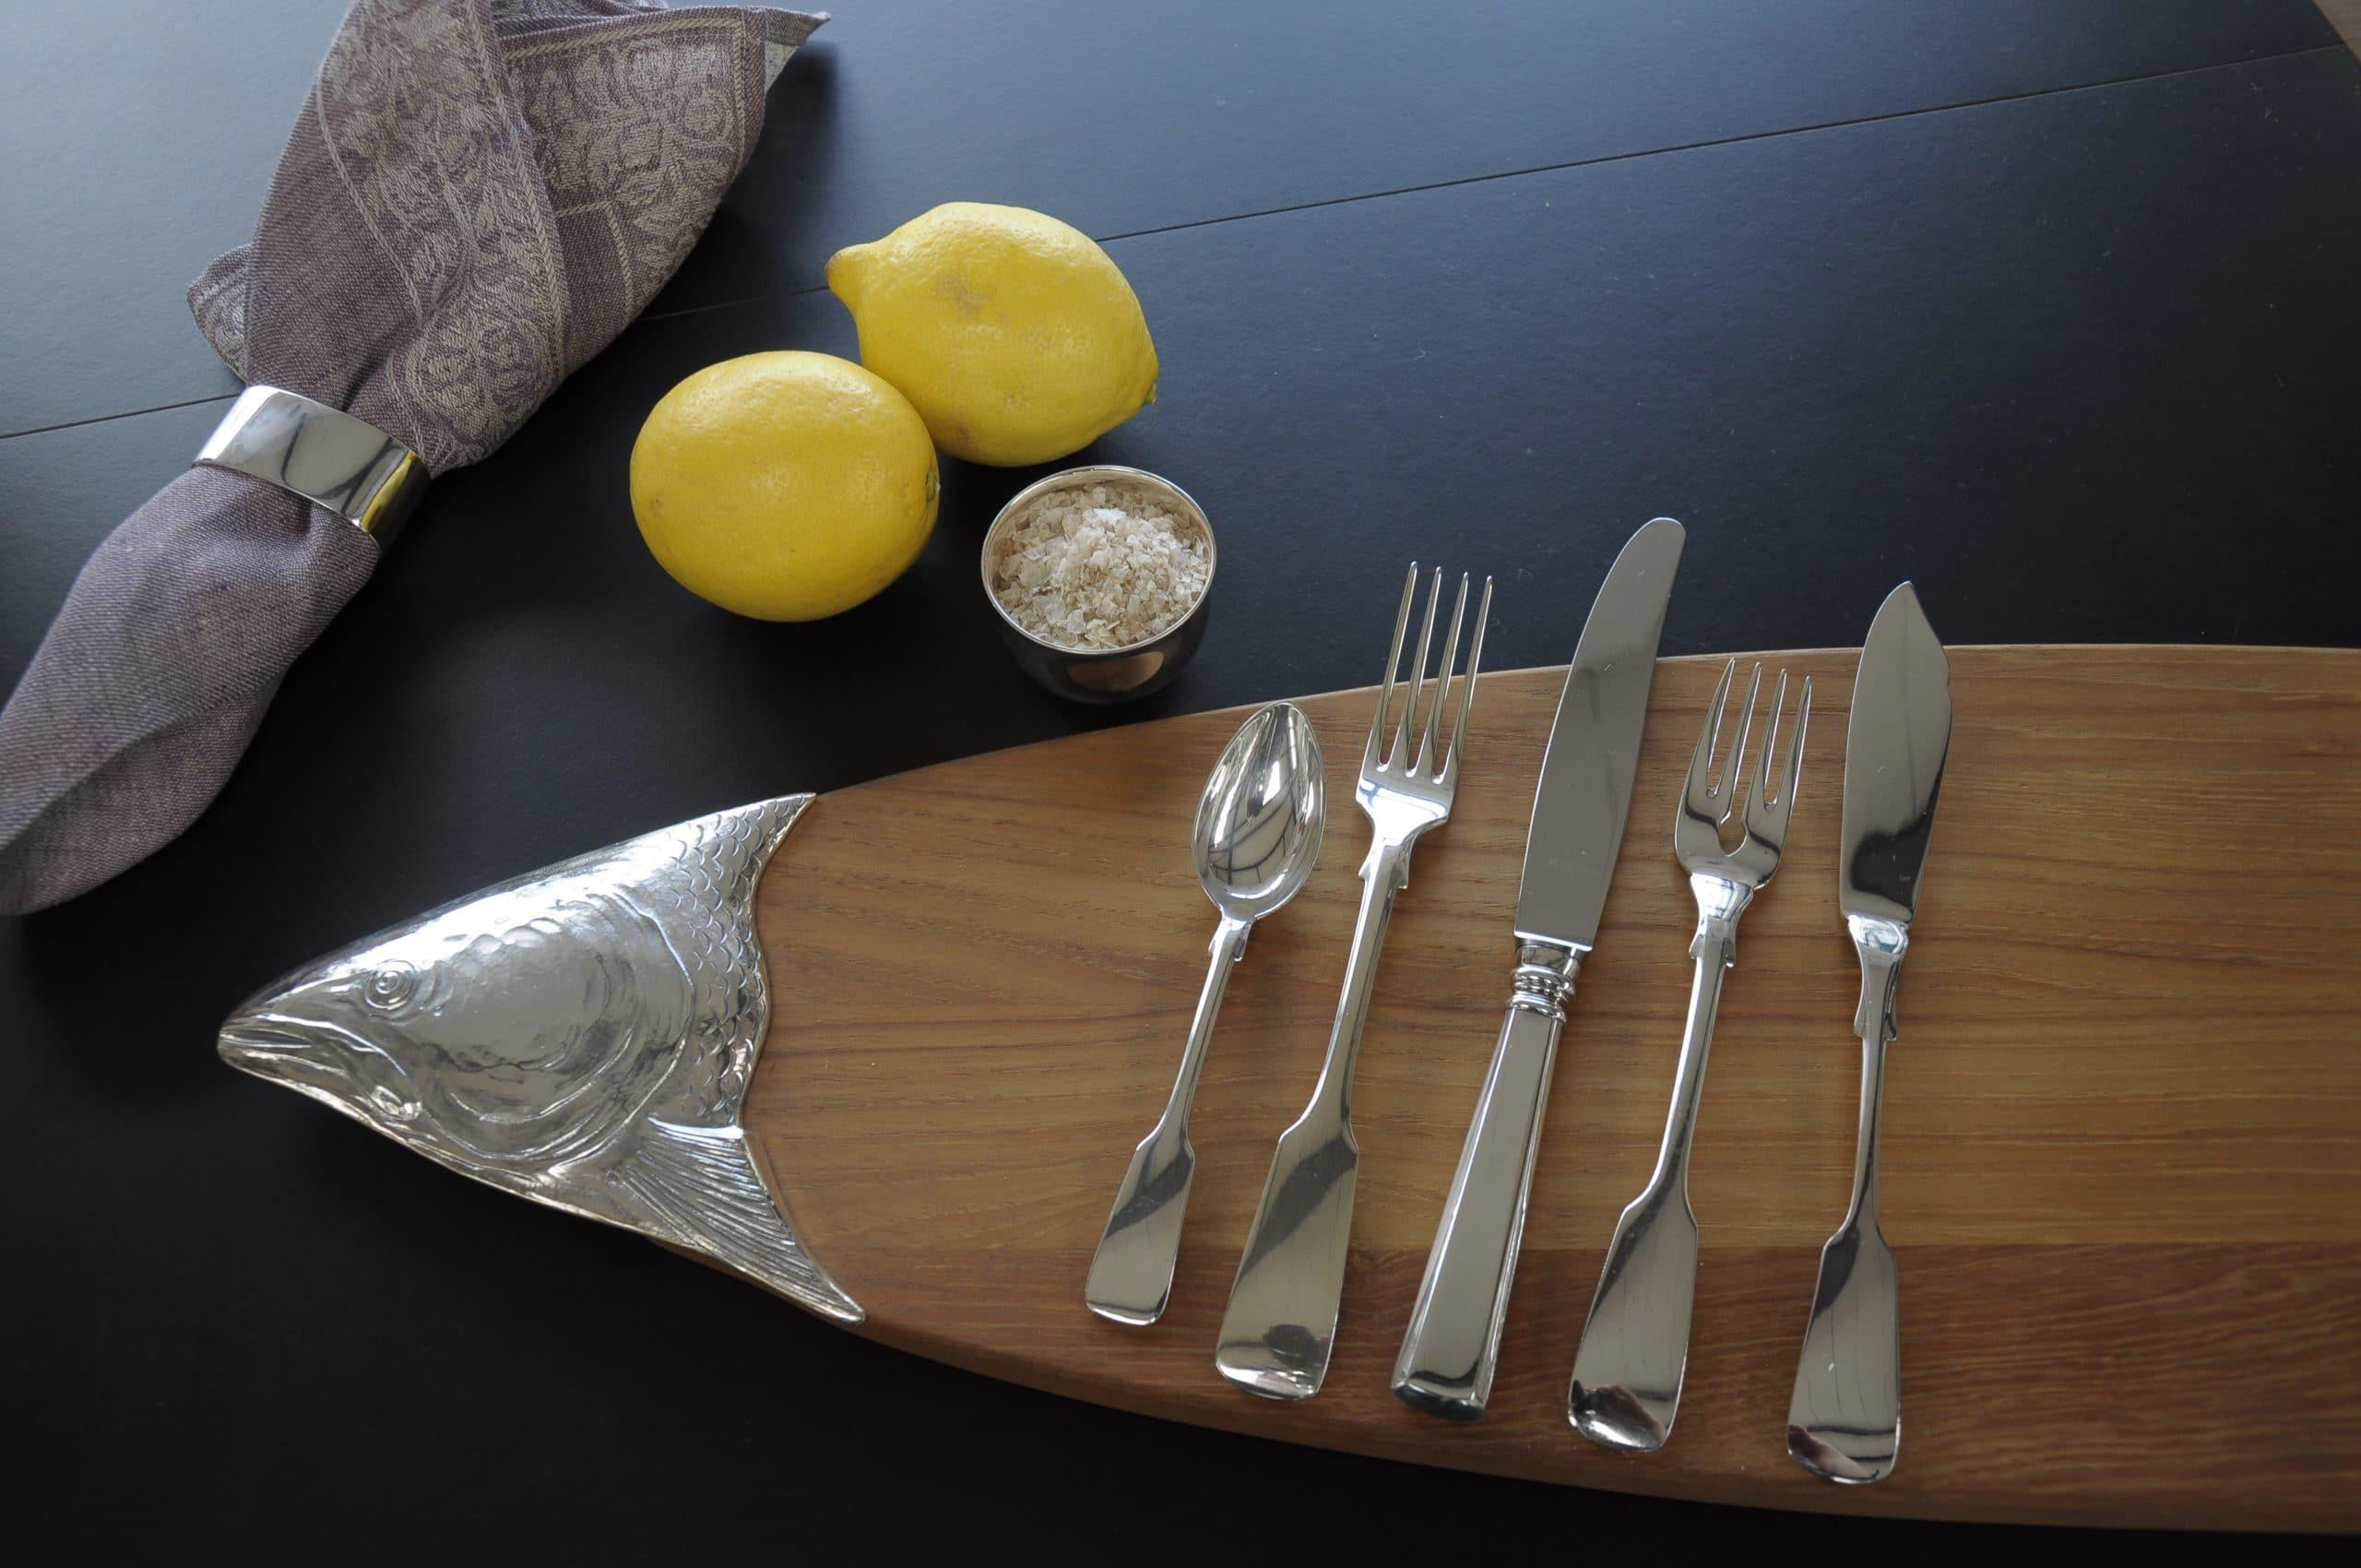 EIn Zitrone und SilberbesteckBrett mit